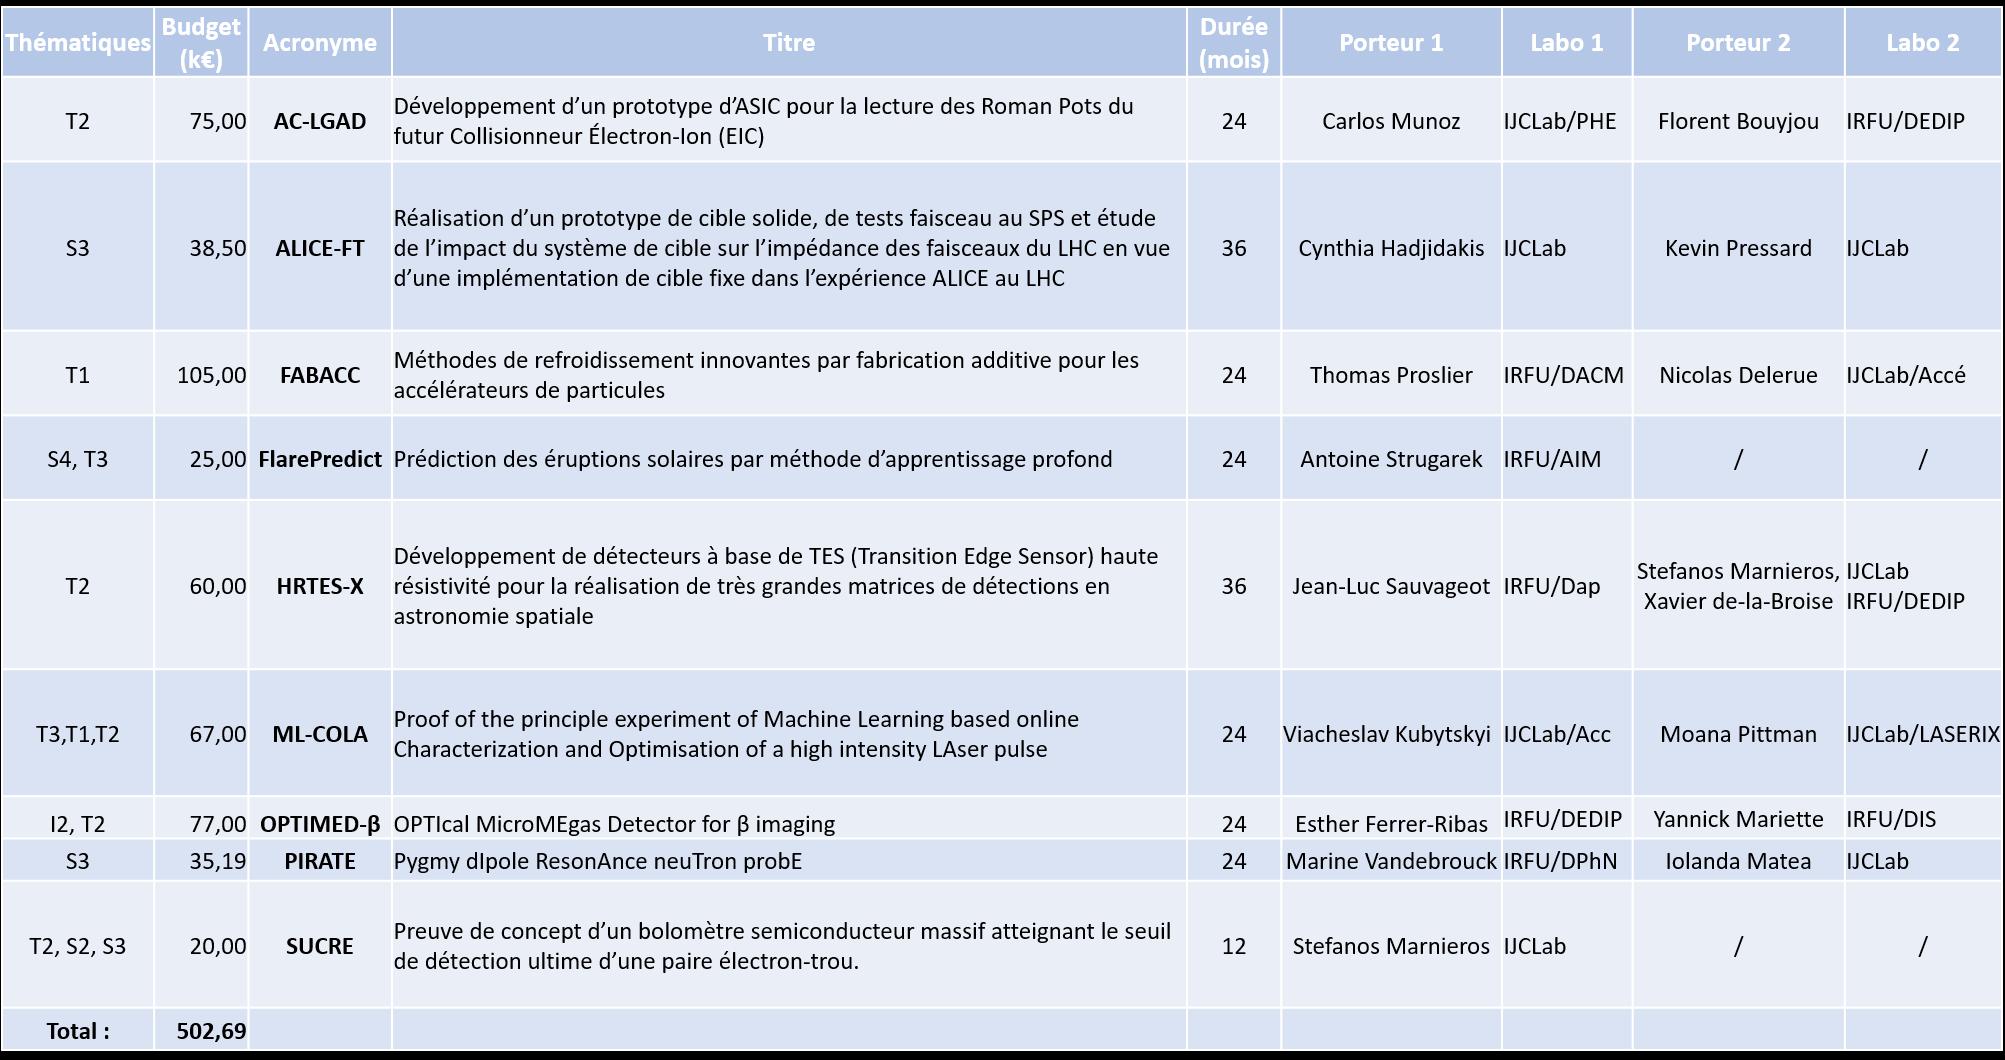 Résultats de l'Appel d'Offres